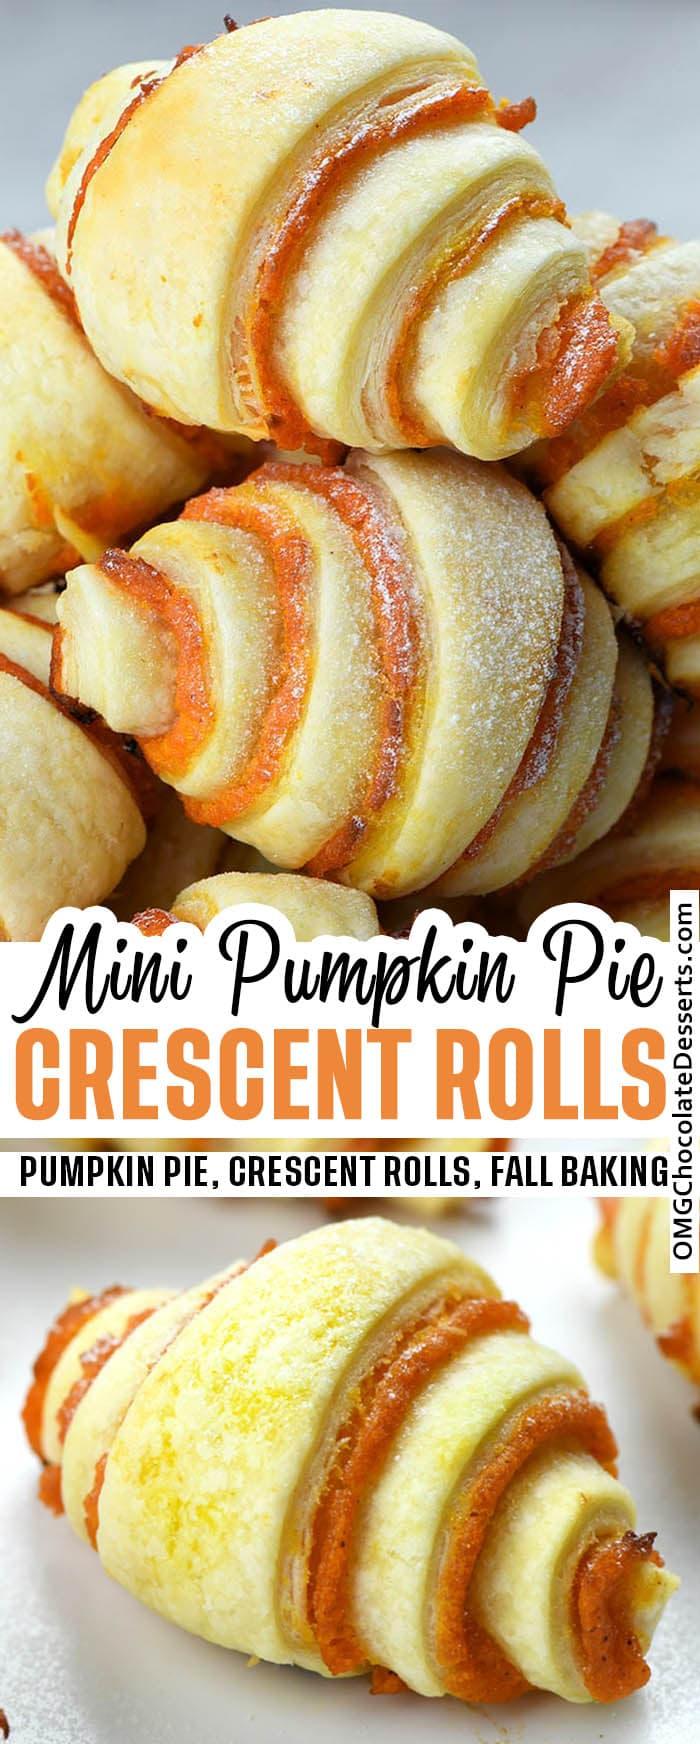 Mini Pumpkin Pie Crescent Rolls